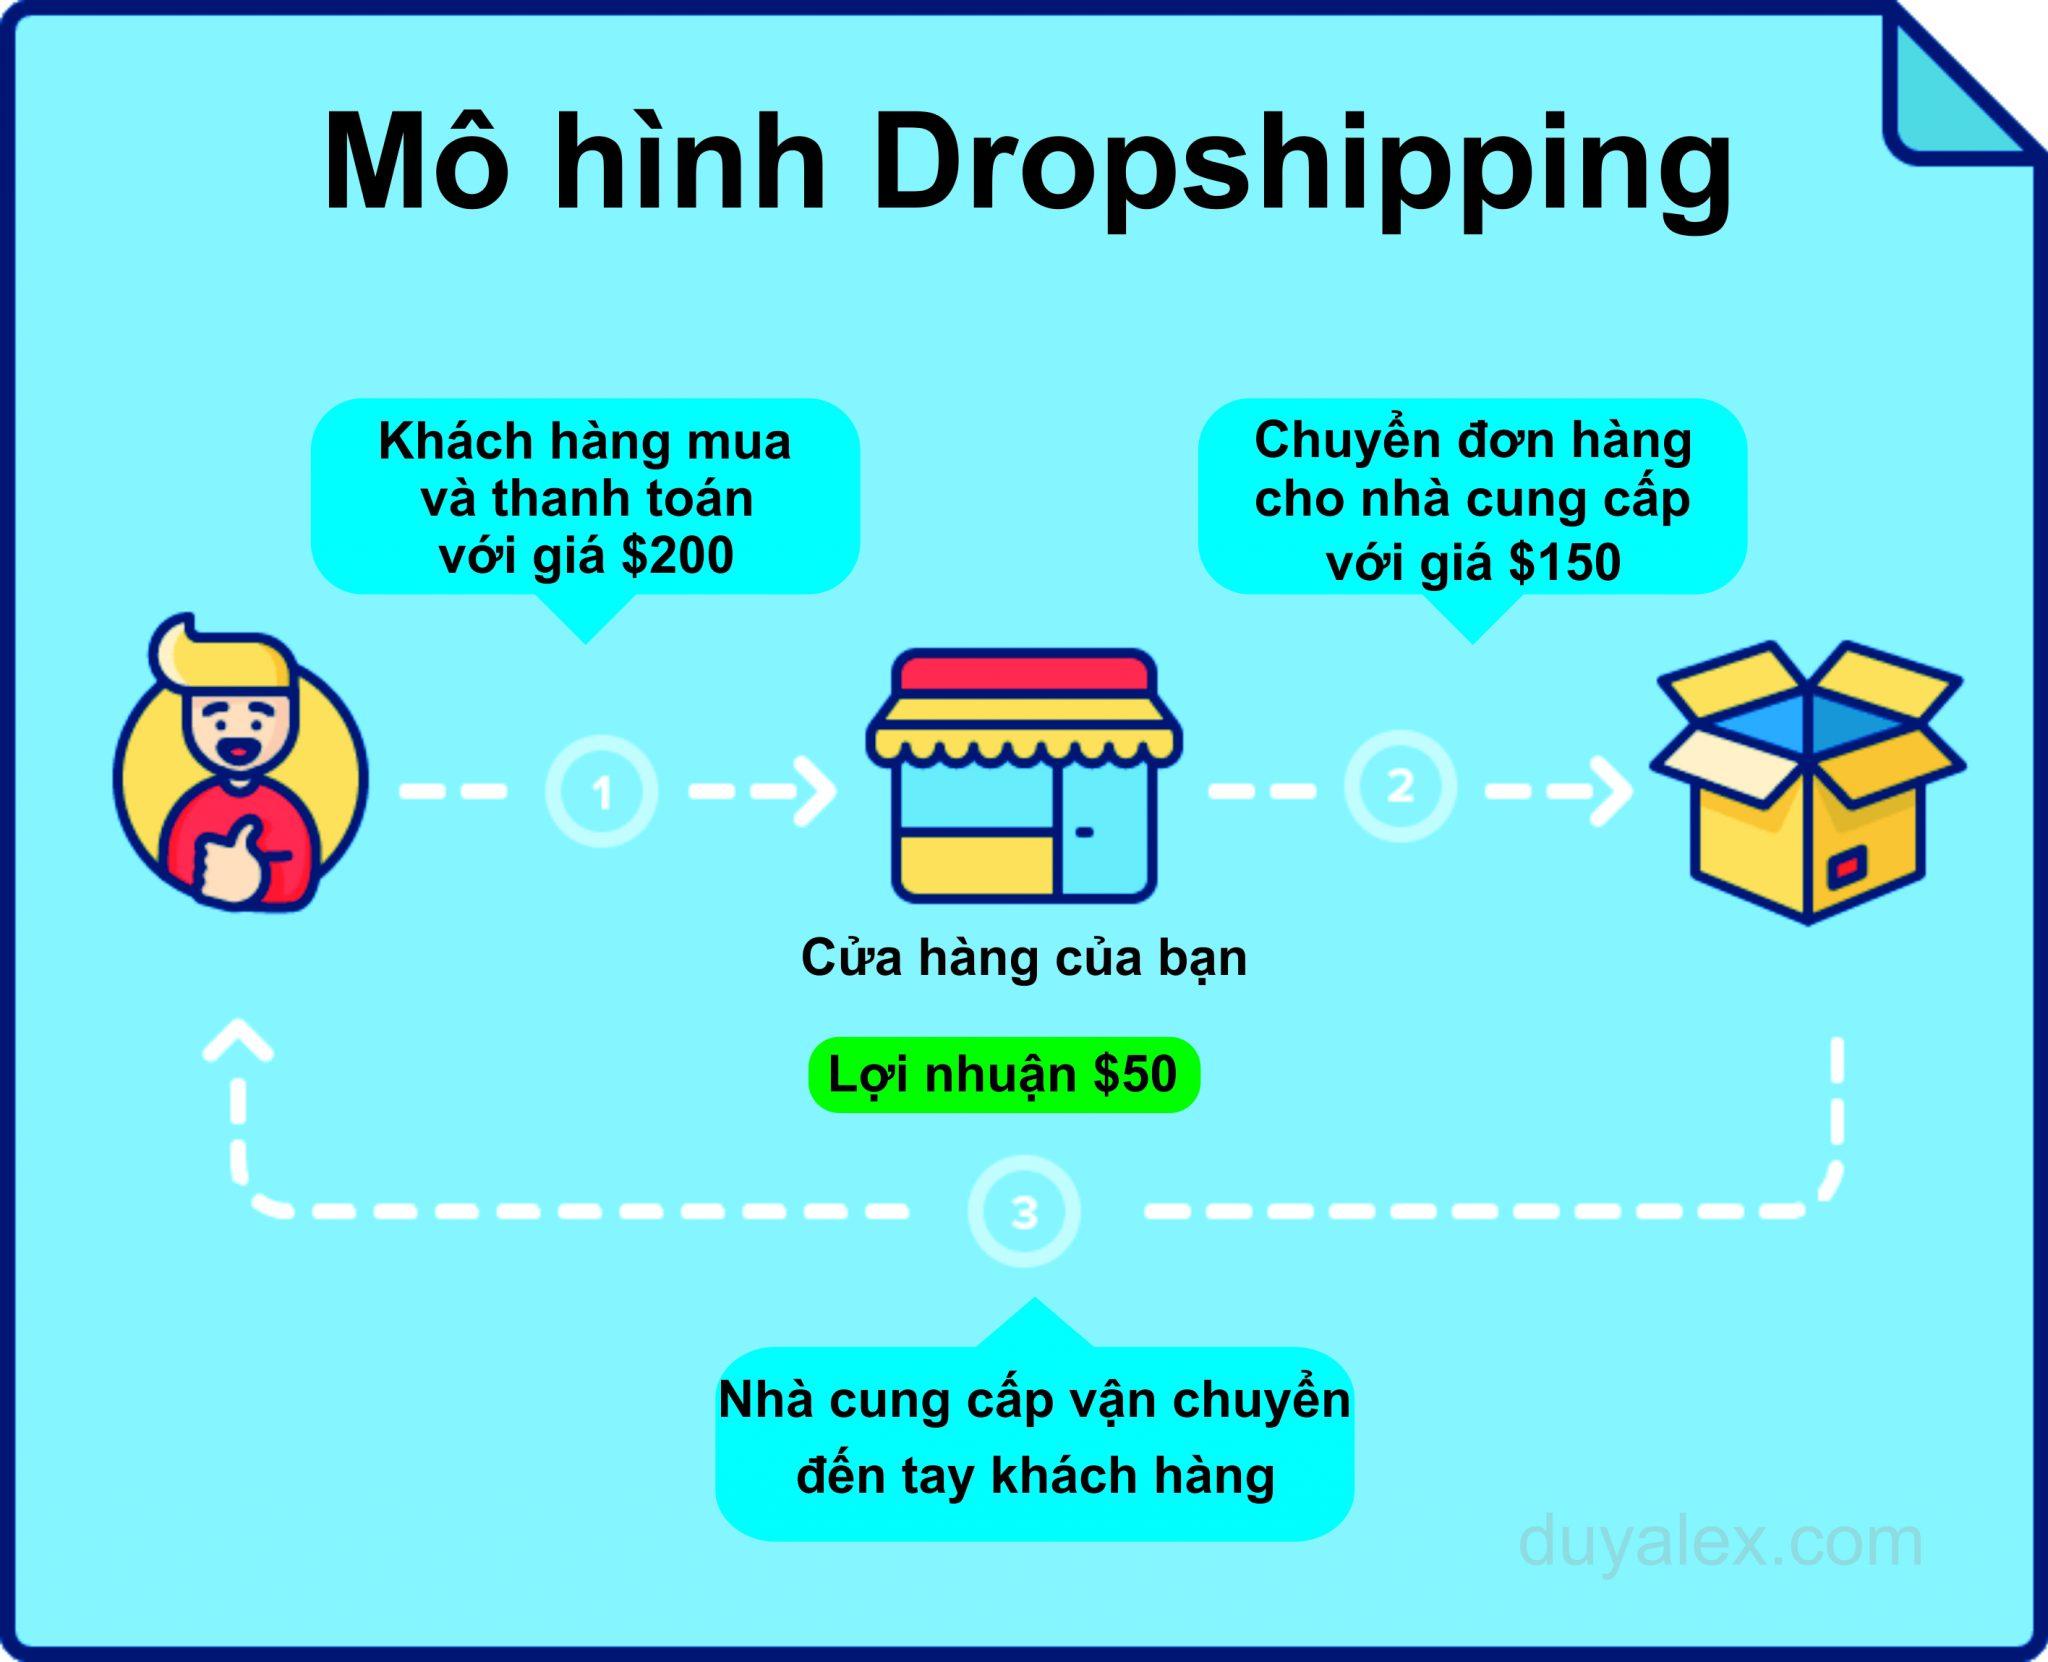 Dropship là gì - Hướng dẫn kiếm tiền online dễ dàng nhất 2018